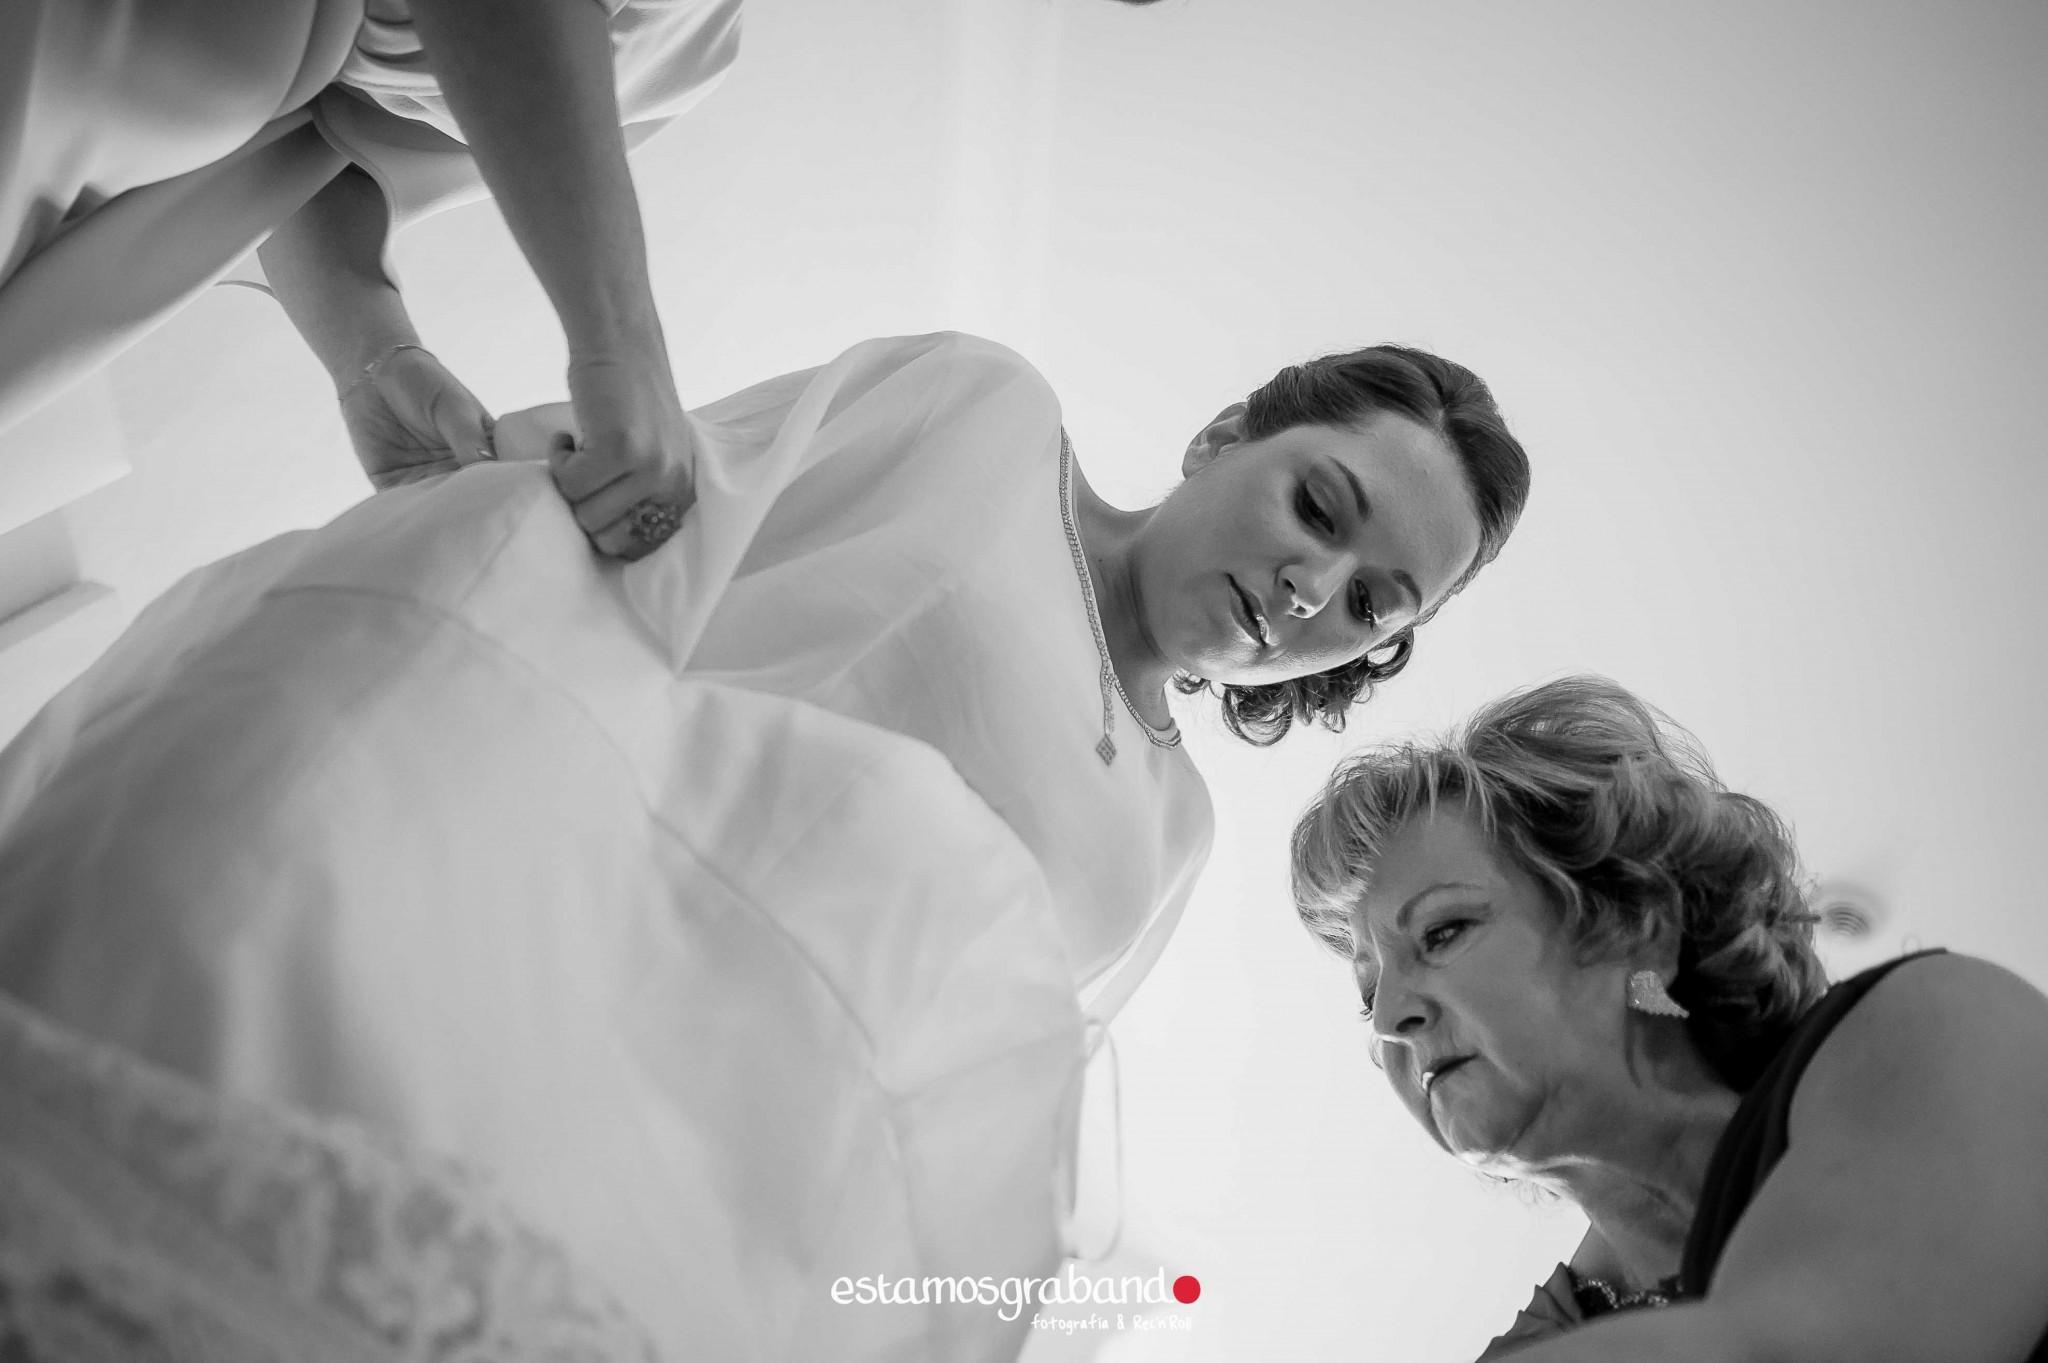 boda-en-chiclana_sonia-y-diego_fotograficc81a-de-boda-23 Zahara Sonia + Diego [Fotografía de Boda en Zahara] - video boda cadiz